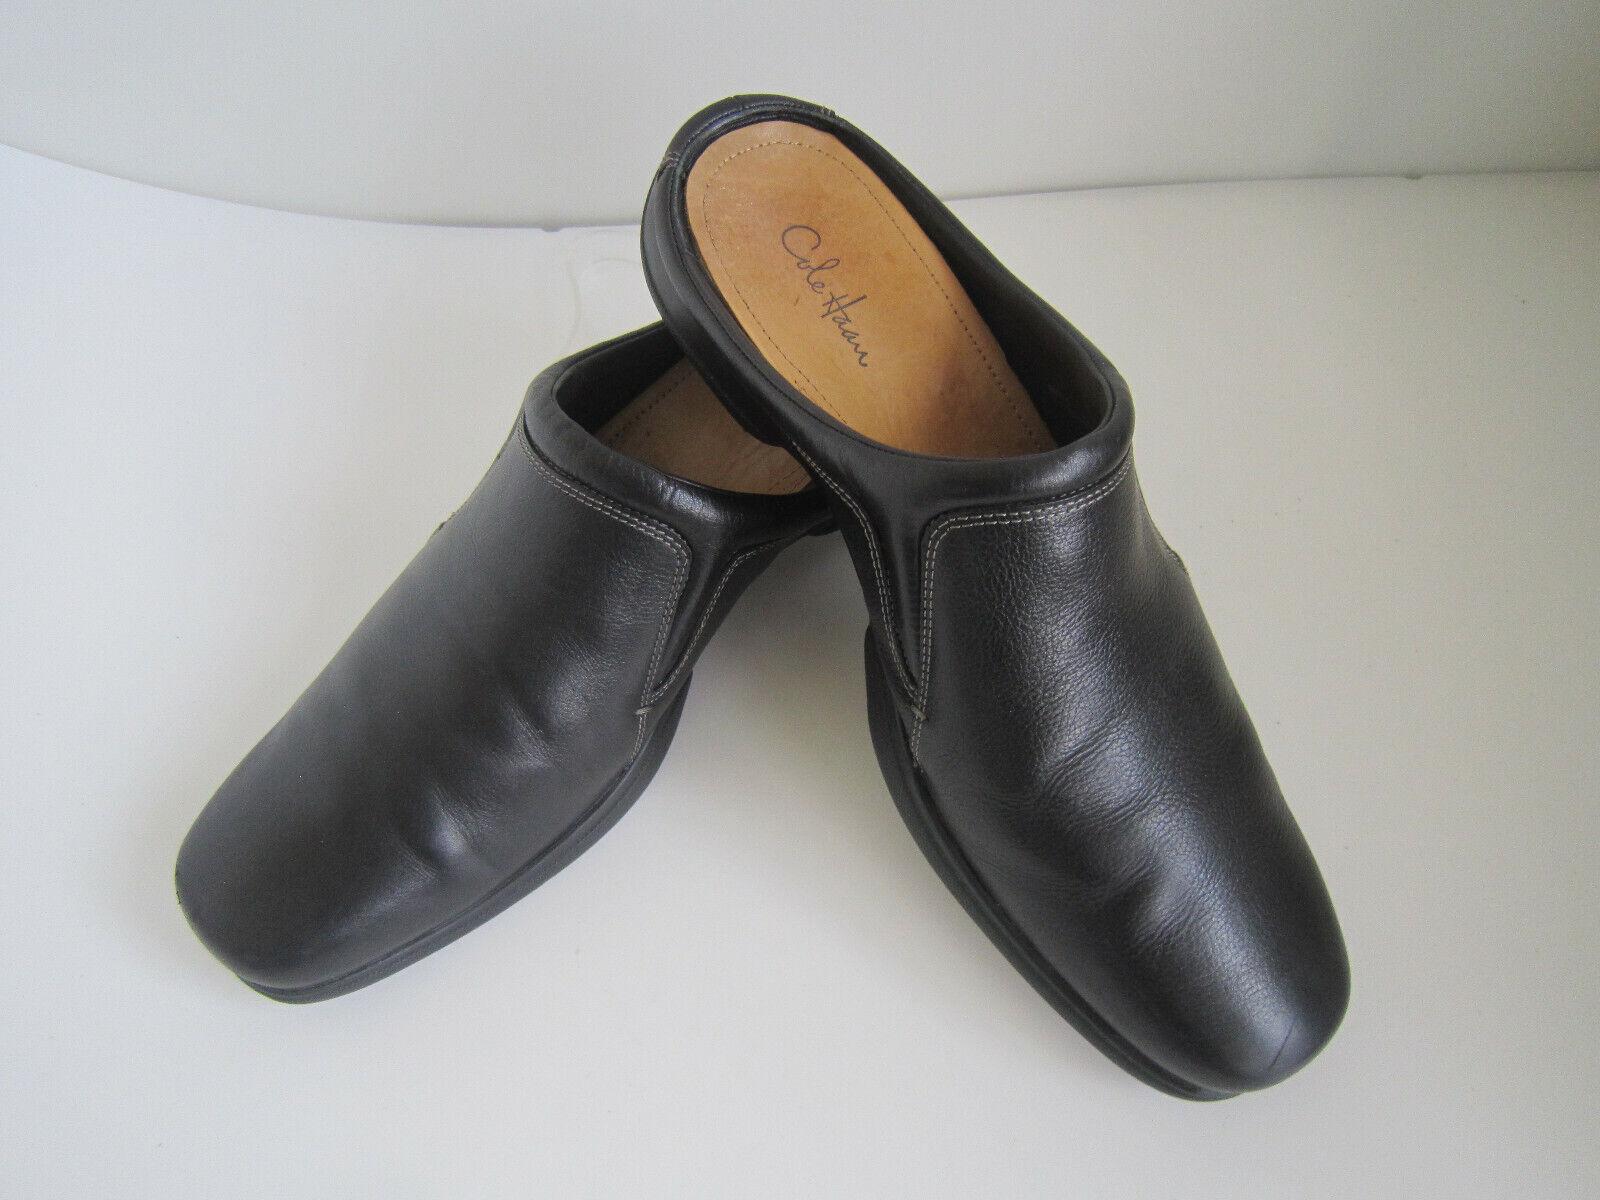 Cole Haan para hombres Cuero Negro sandalias sin talón Fáciles de poner  2